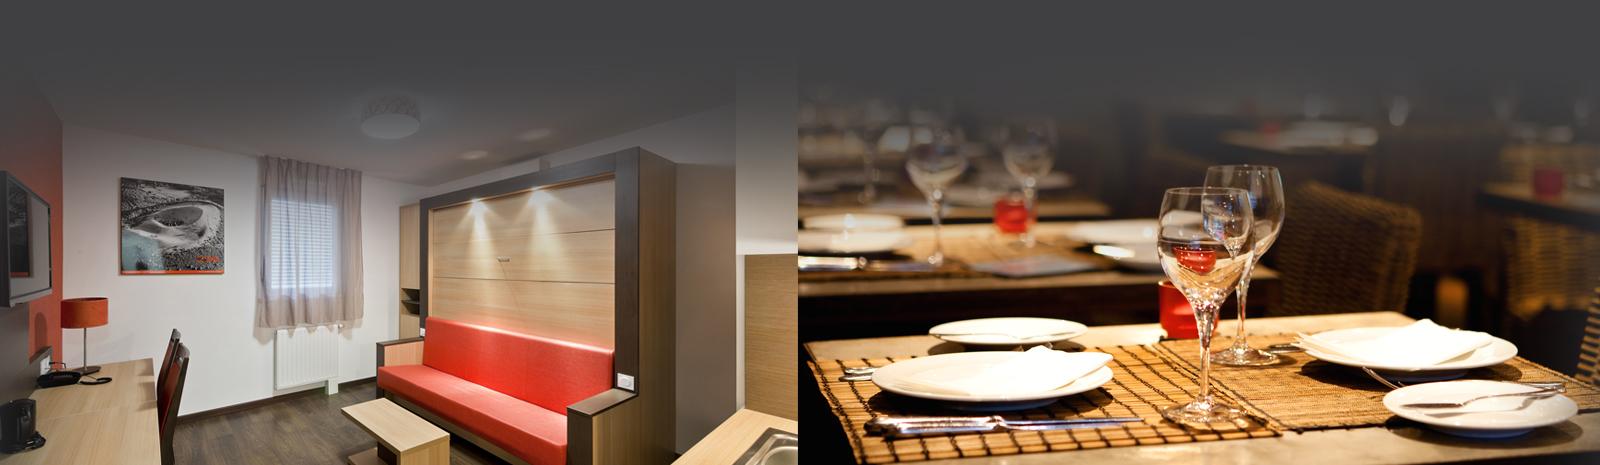 cgv privilodges clermont ferrand. Black Bedroom Furniture Sets. Home Design Ideas